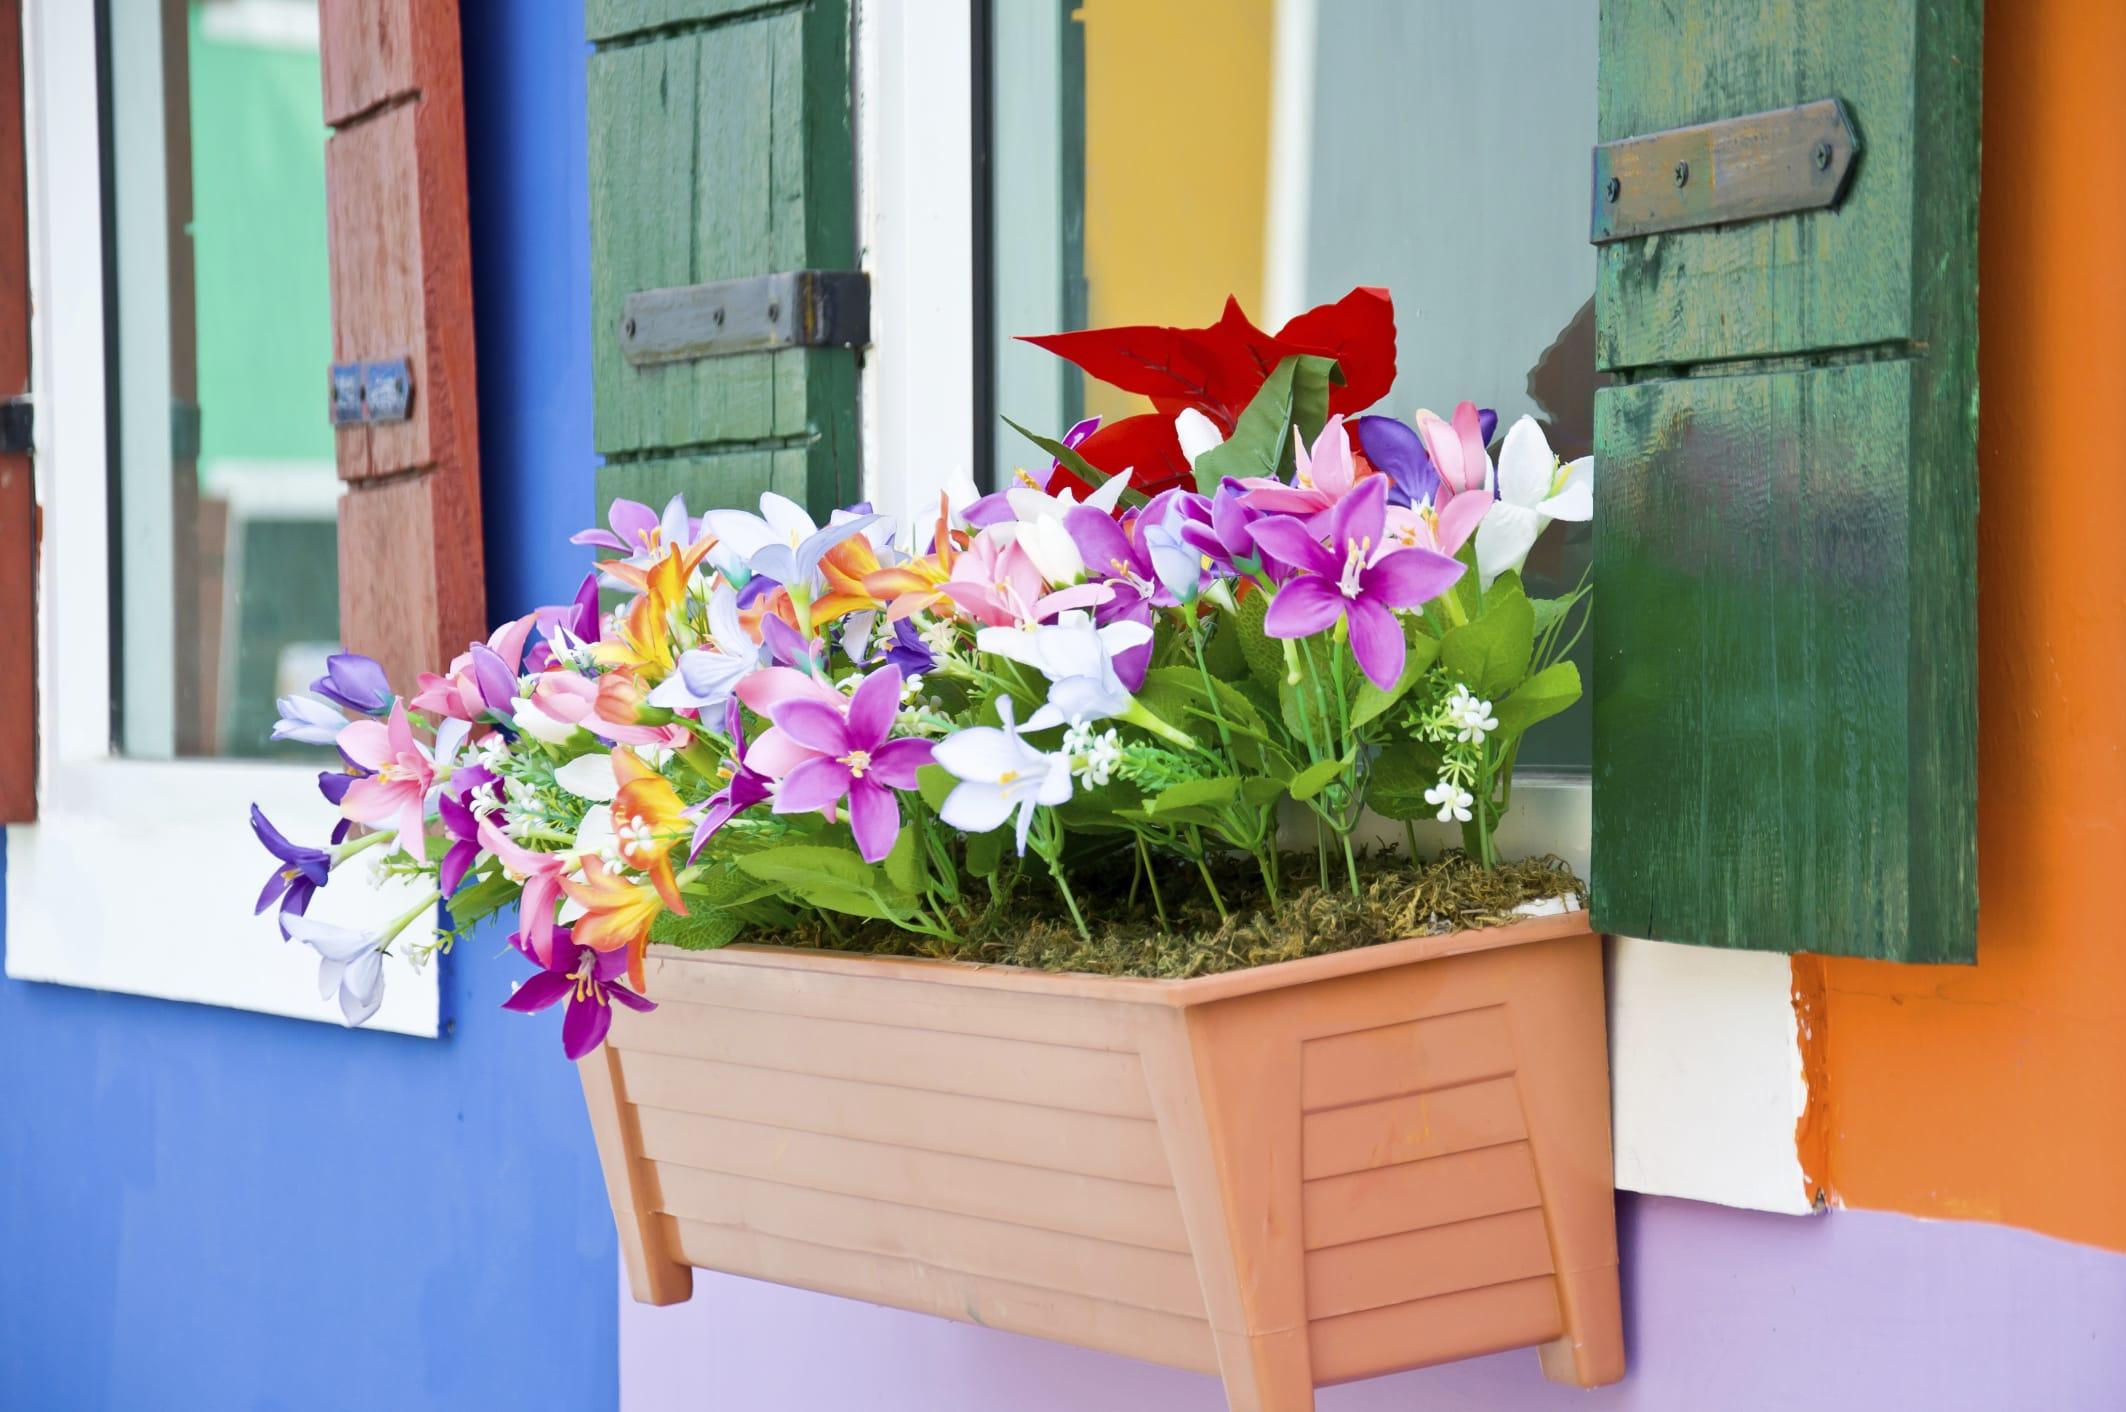 Popolare Come arredare il balcone con i fiori - Non sprecare TB81